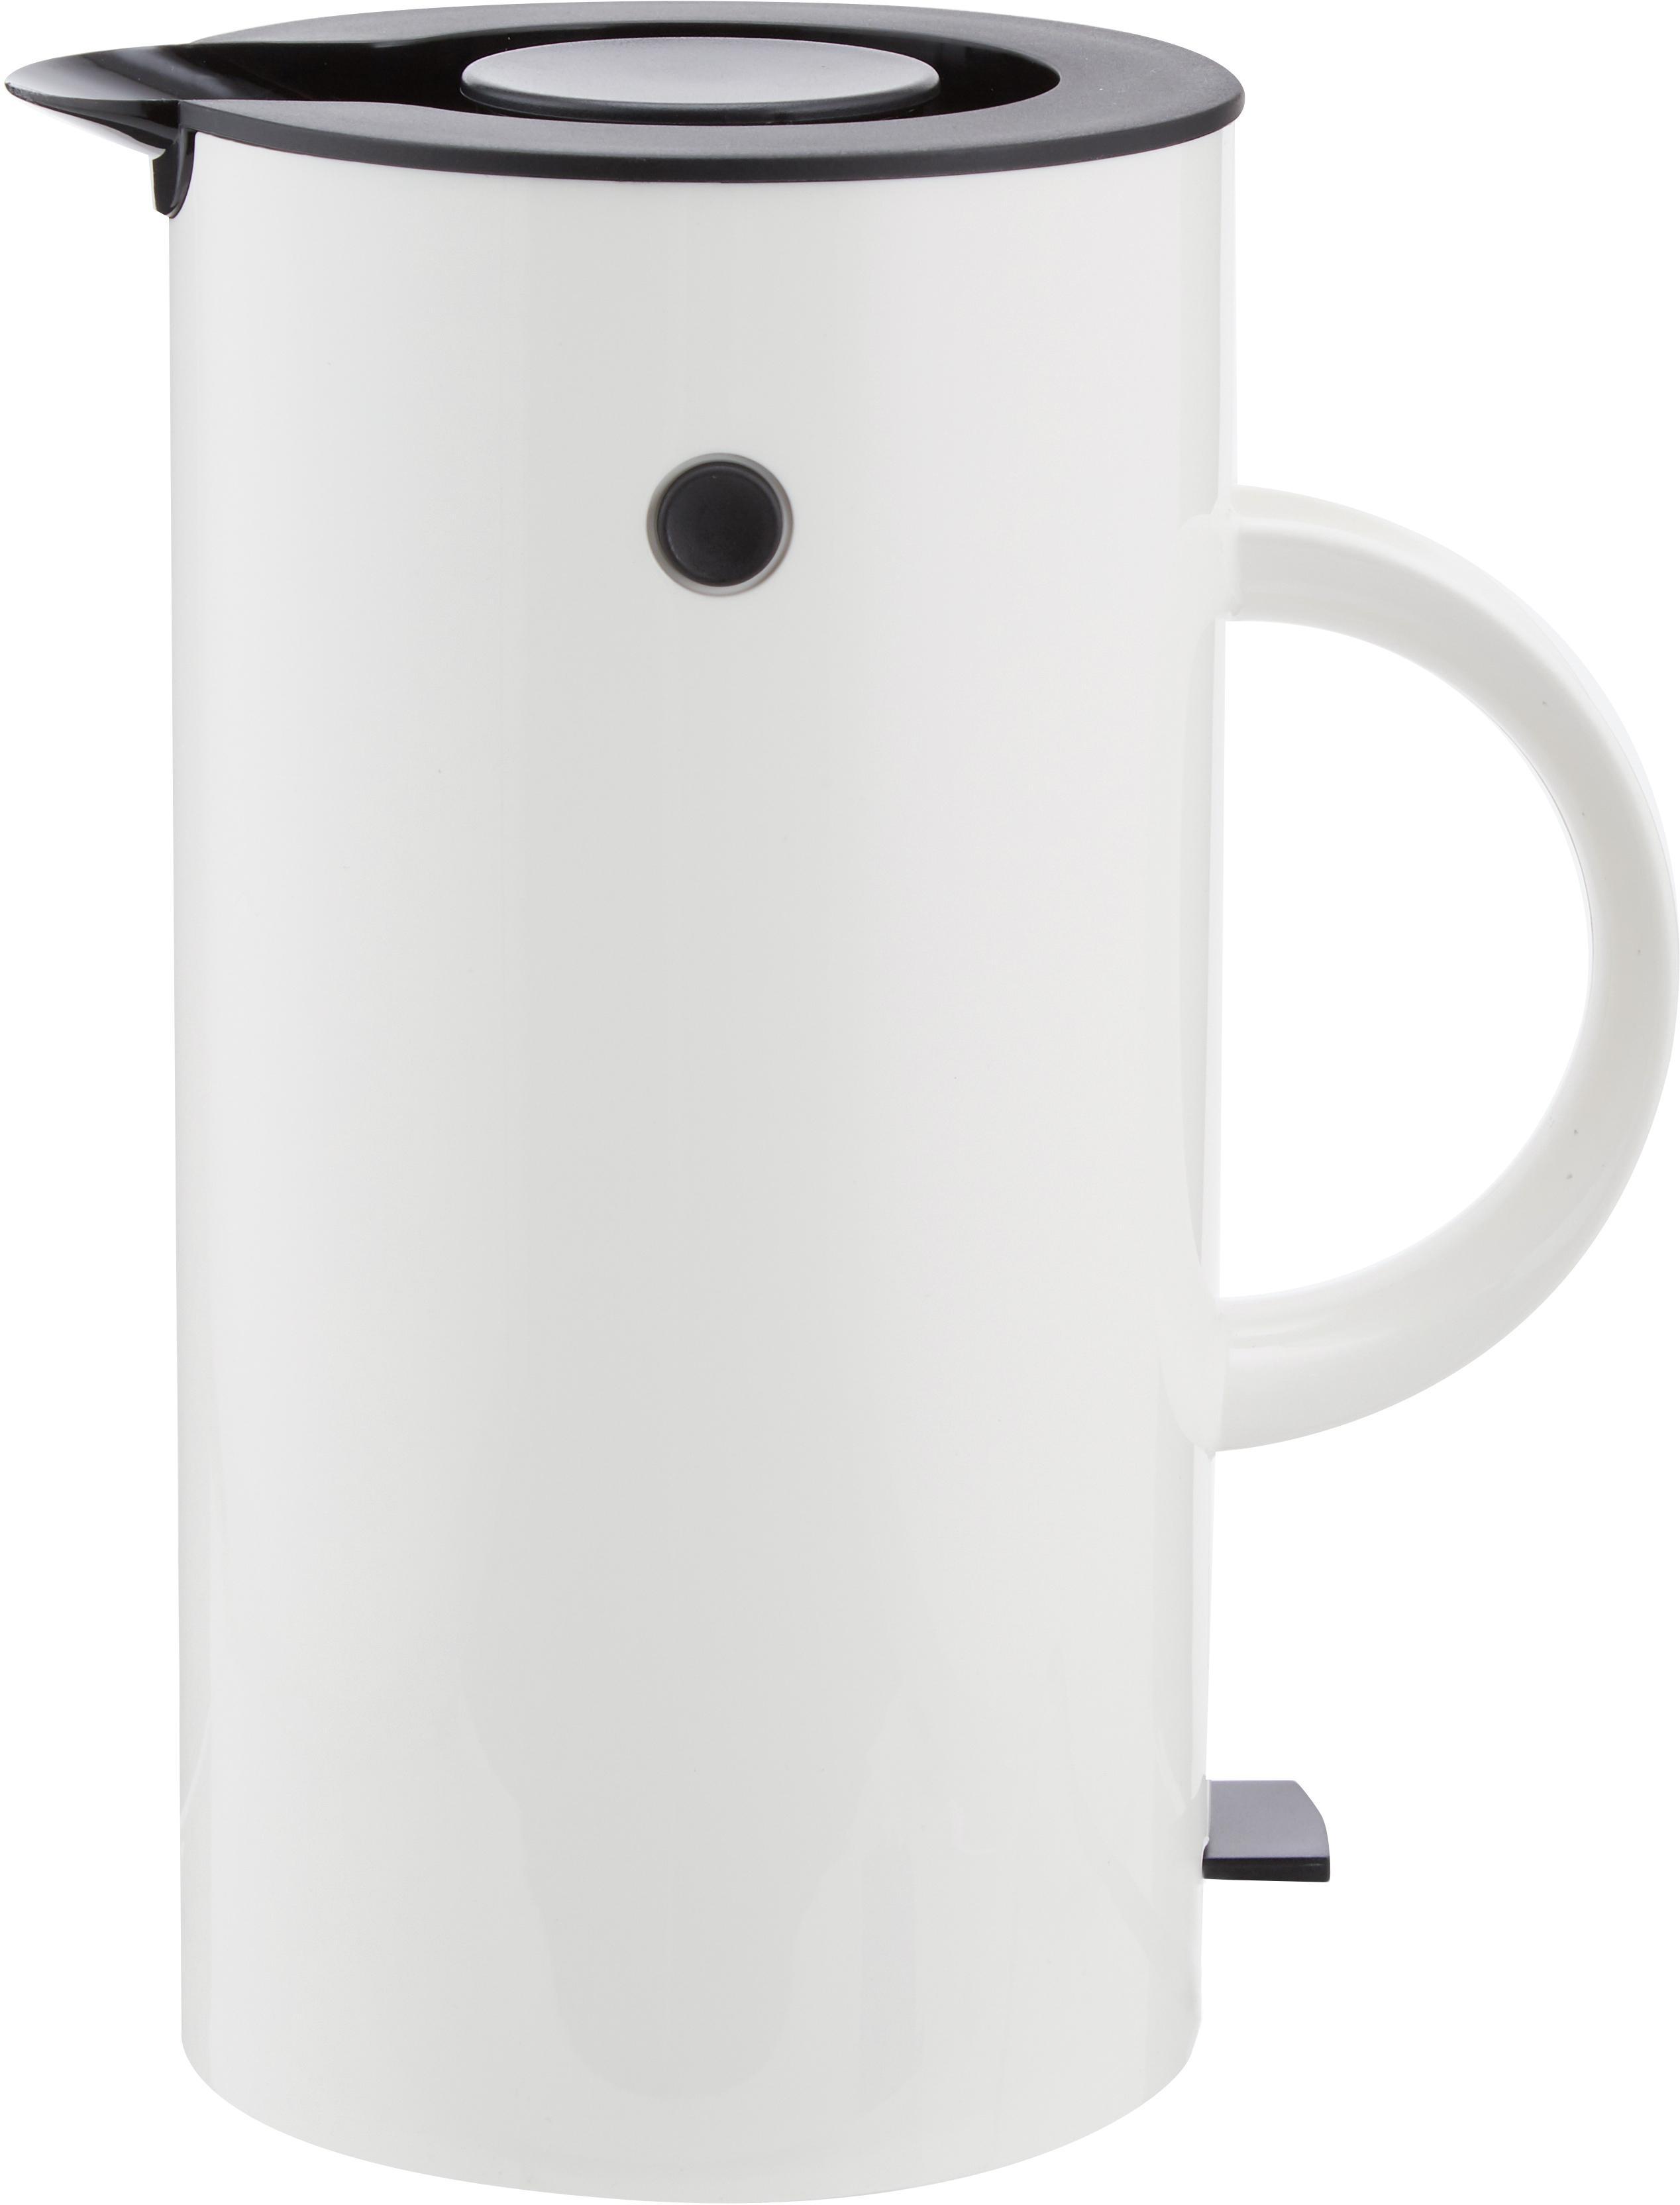 Waterkoker EM77, Wit, zwart, Ø 13 x H 25 cm